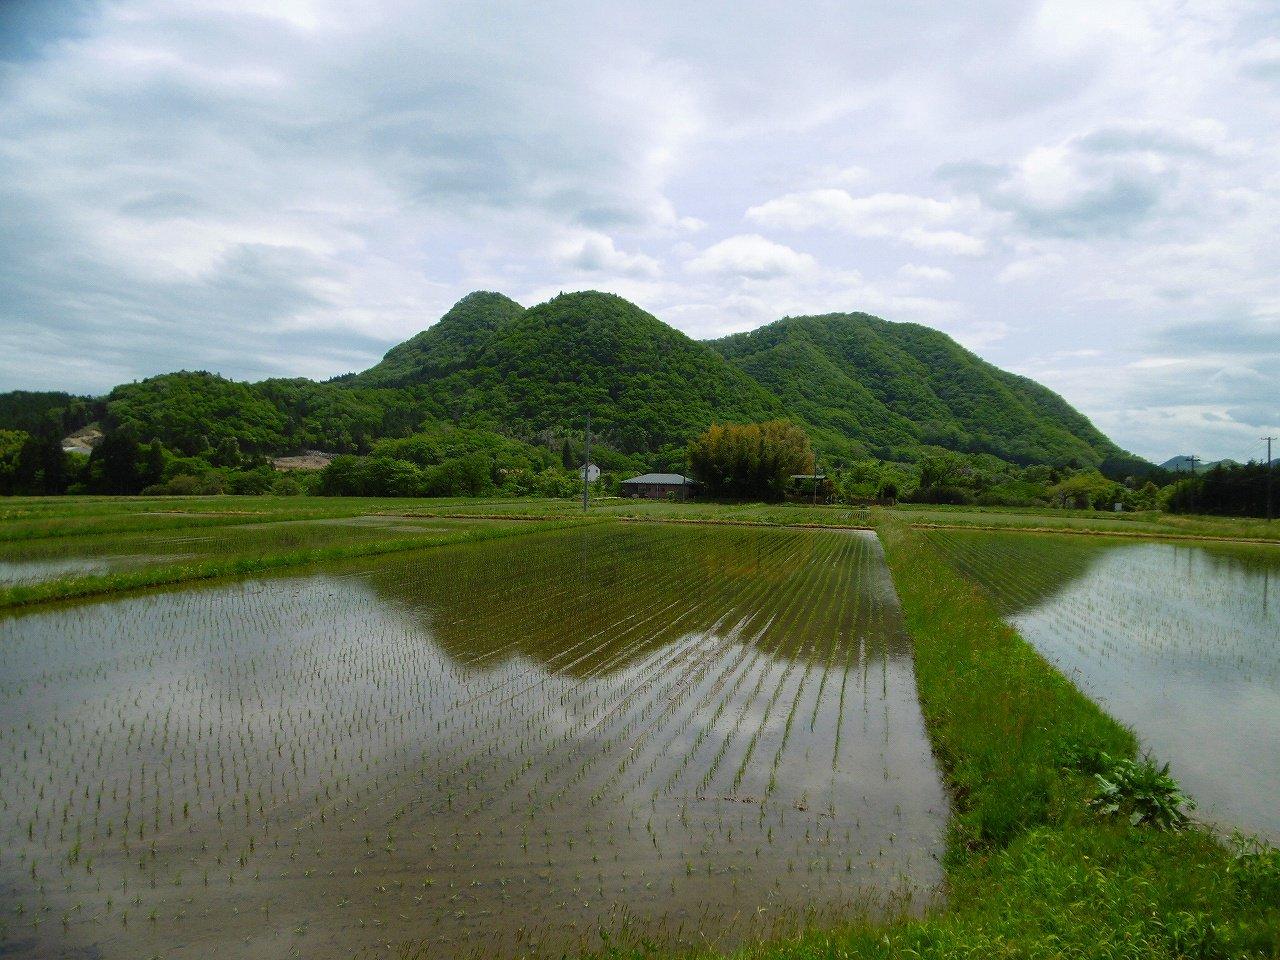 https://www.taiwa-tk.ed.jp/yoshida-e/a46d0a112efc1c785669ce1fc6449615934b5ab8.jpg